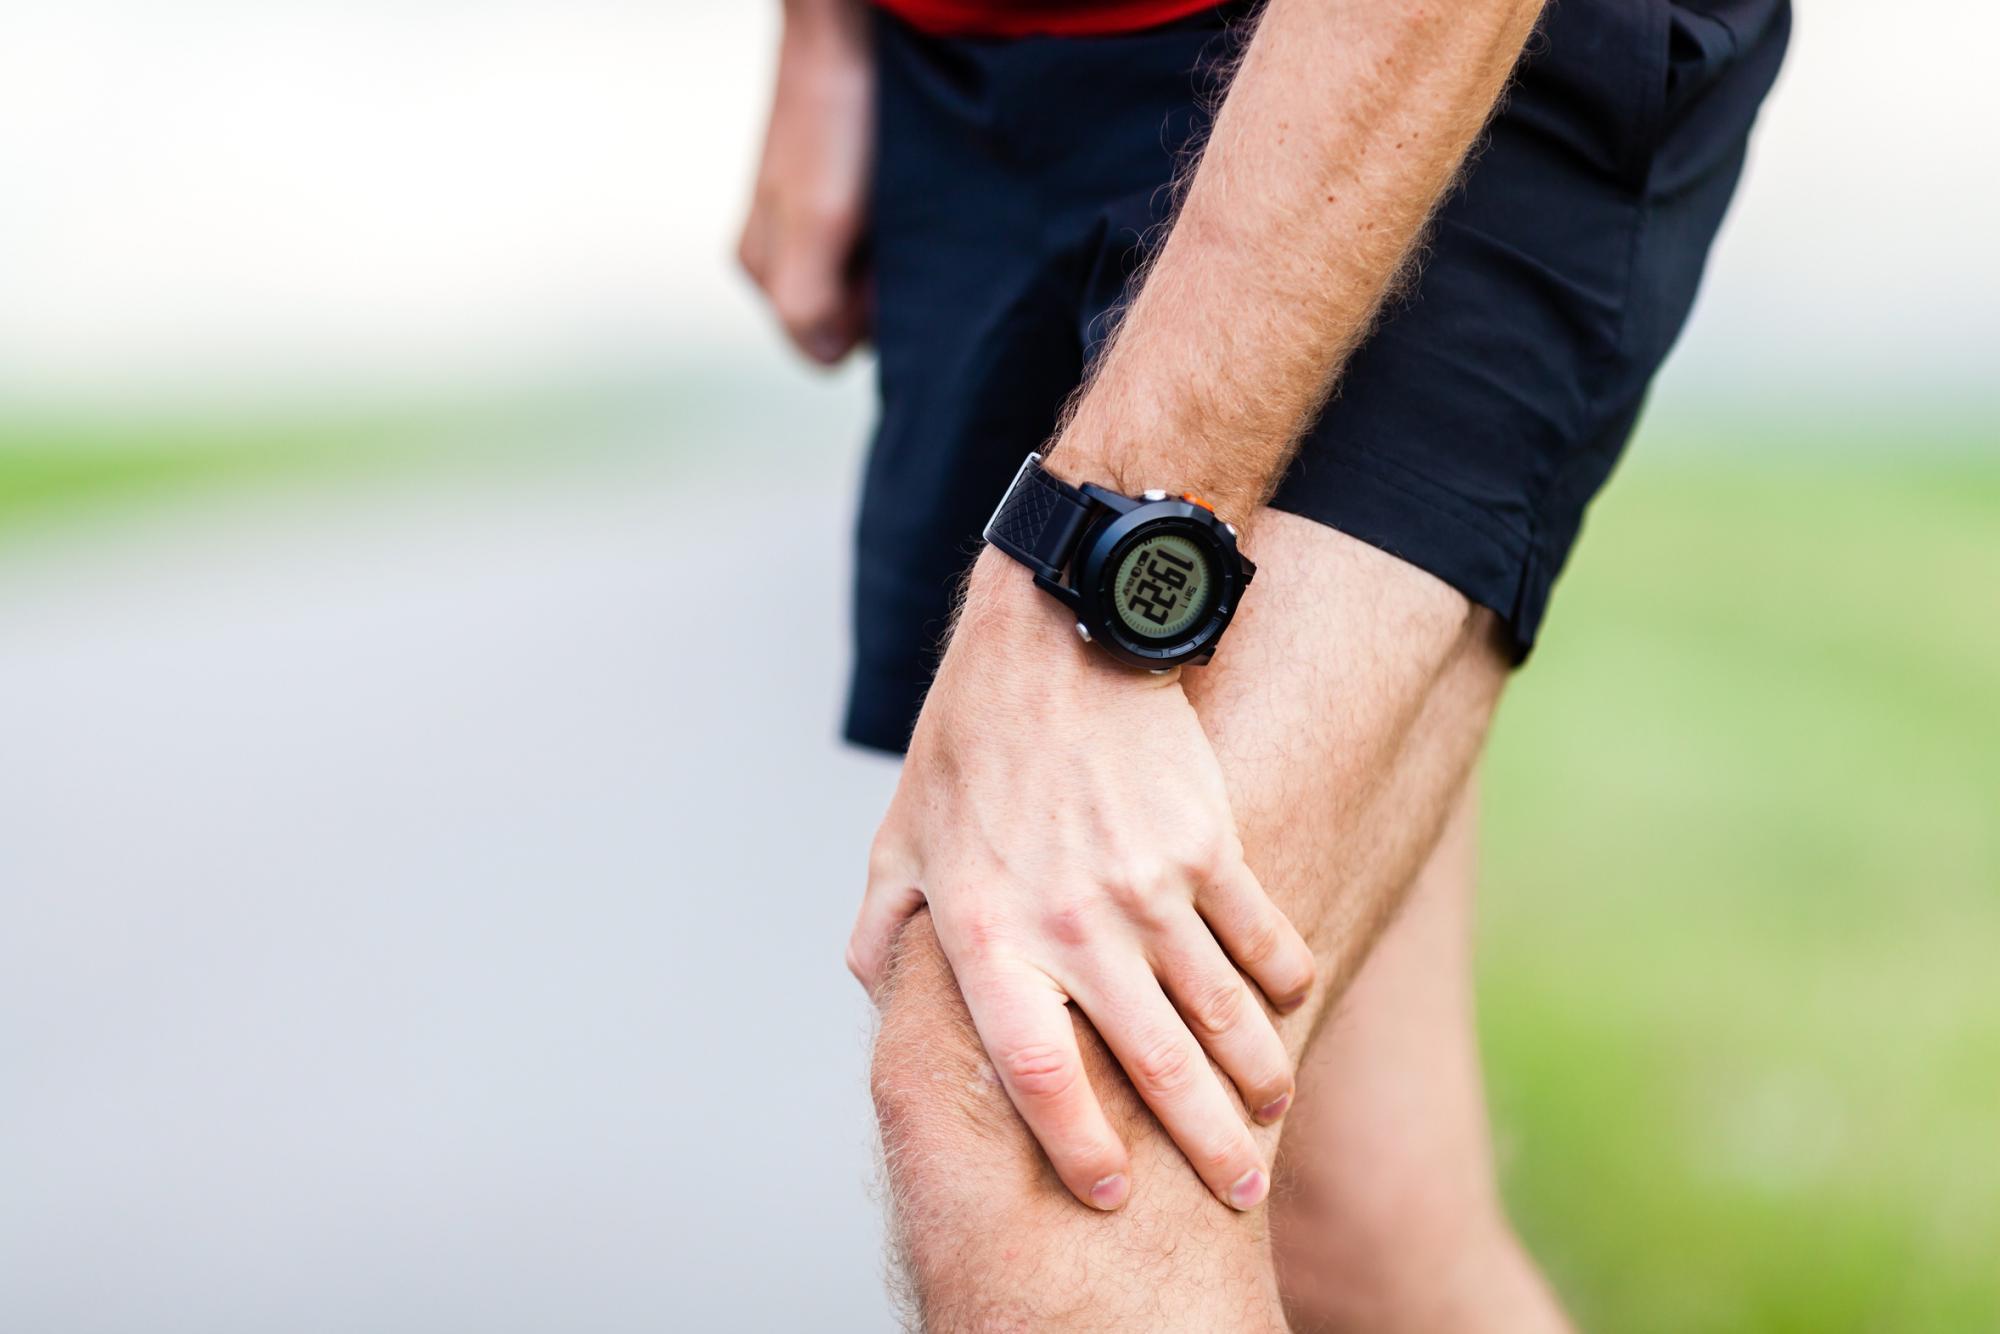 Arthrite inflammatoire : Reconnaître les symptômes de l'arthrite et traiter